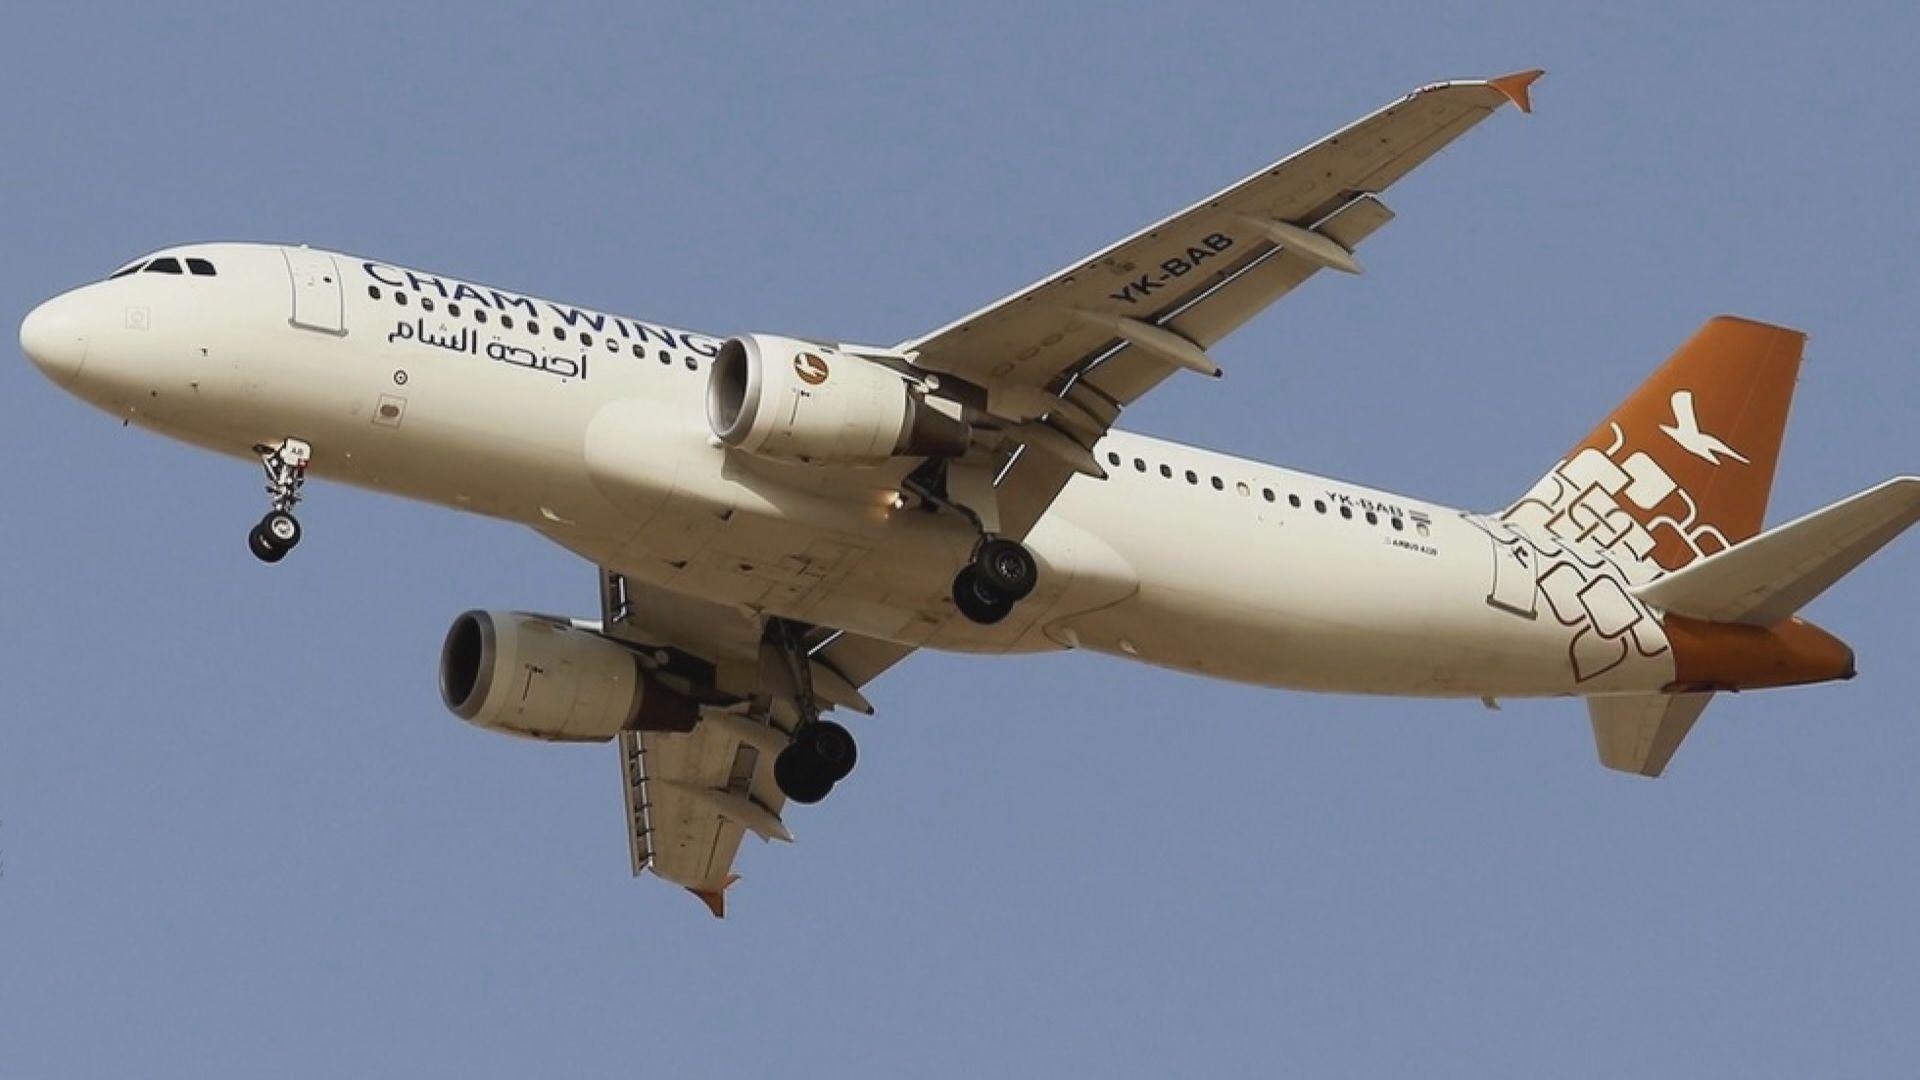 俄羅斯國防部稱敘利亞防空系統險擊中民航機